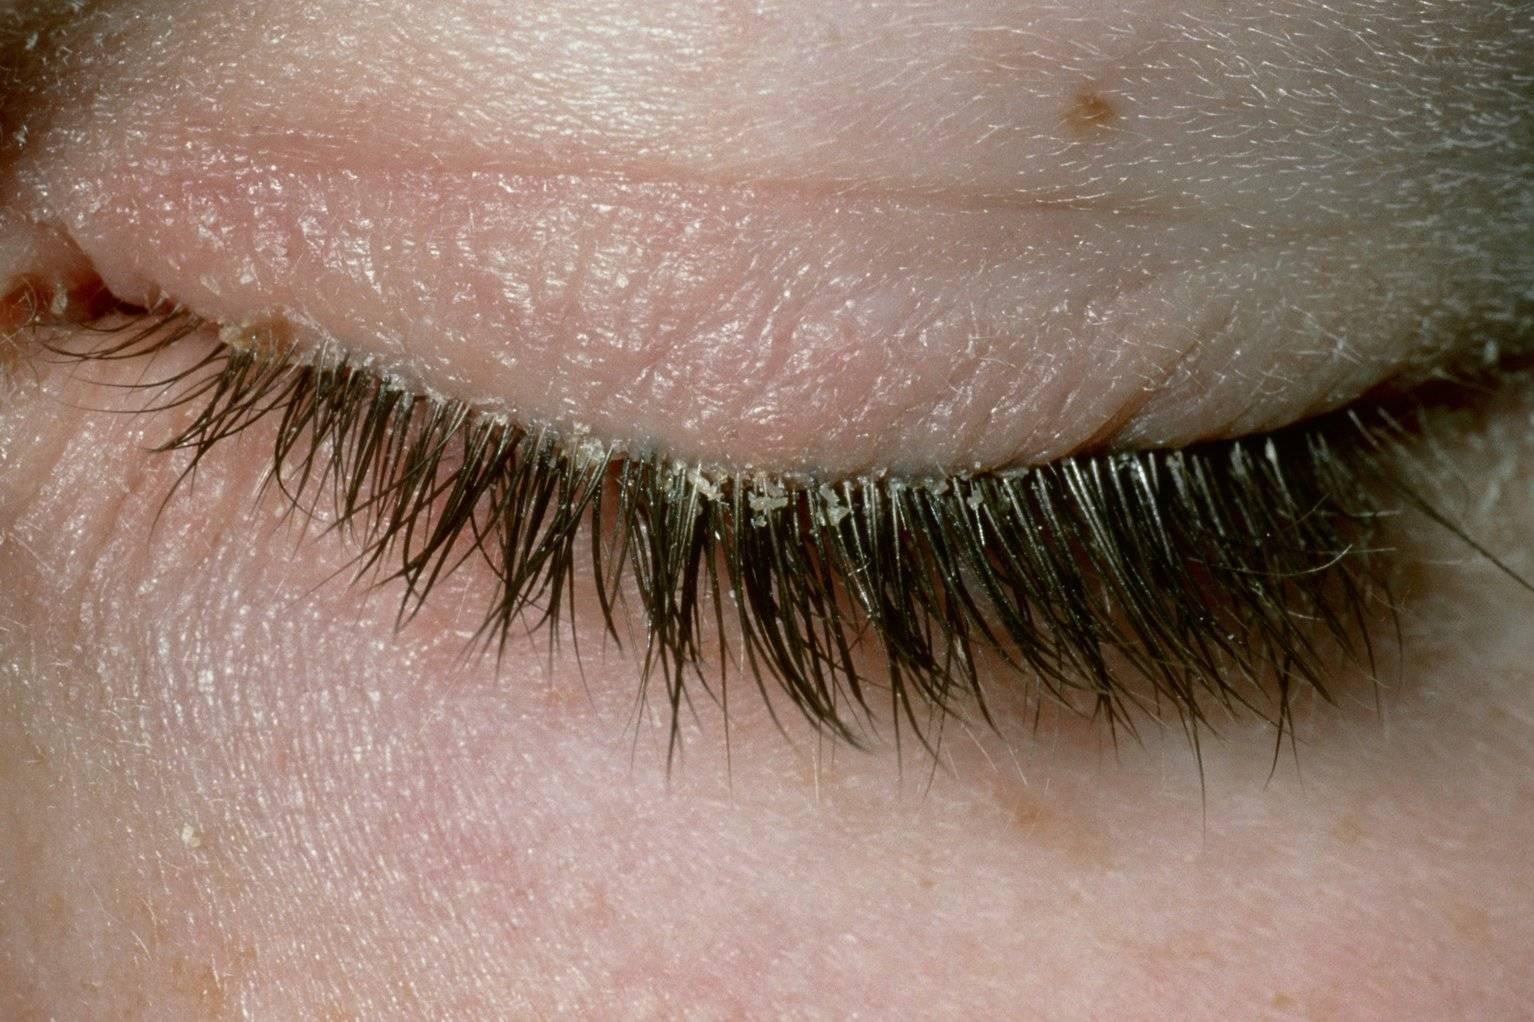 Глазной клещ (демодекоз) - лечение в домашних условиях